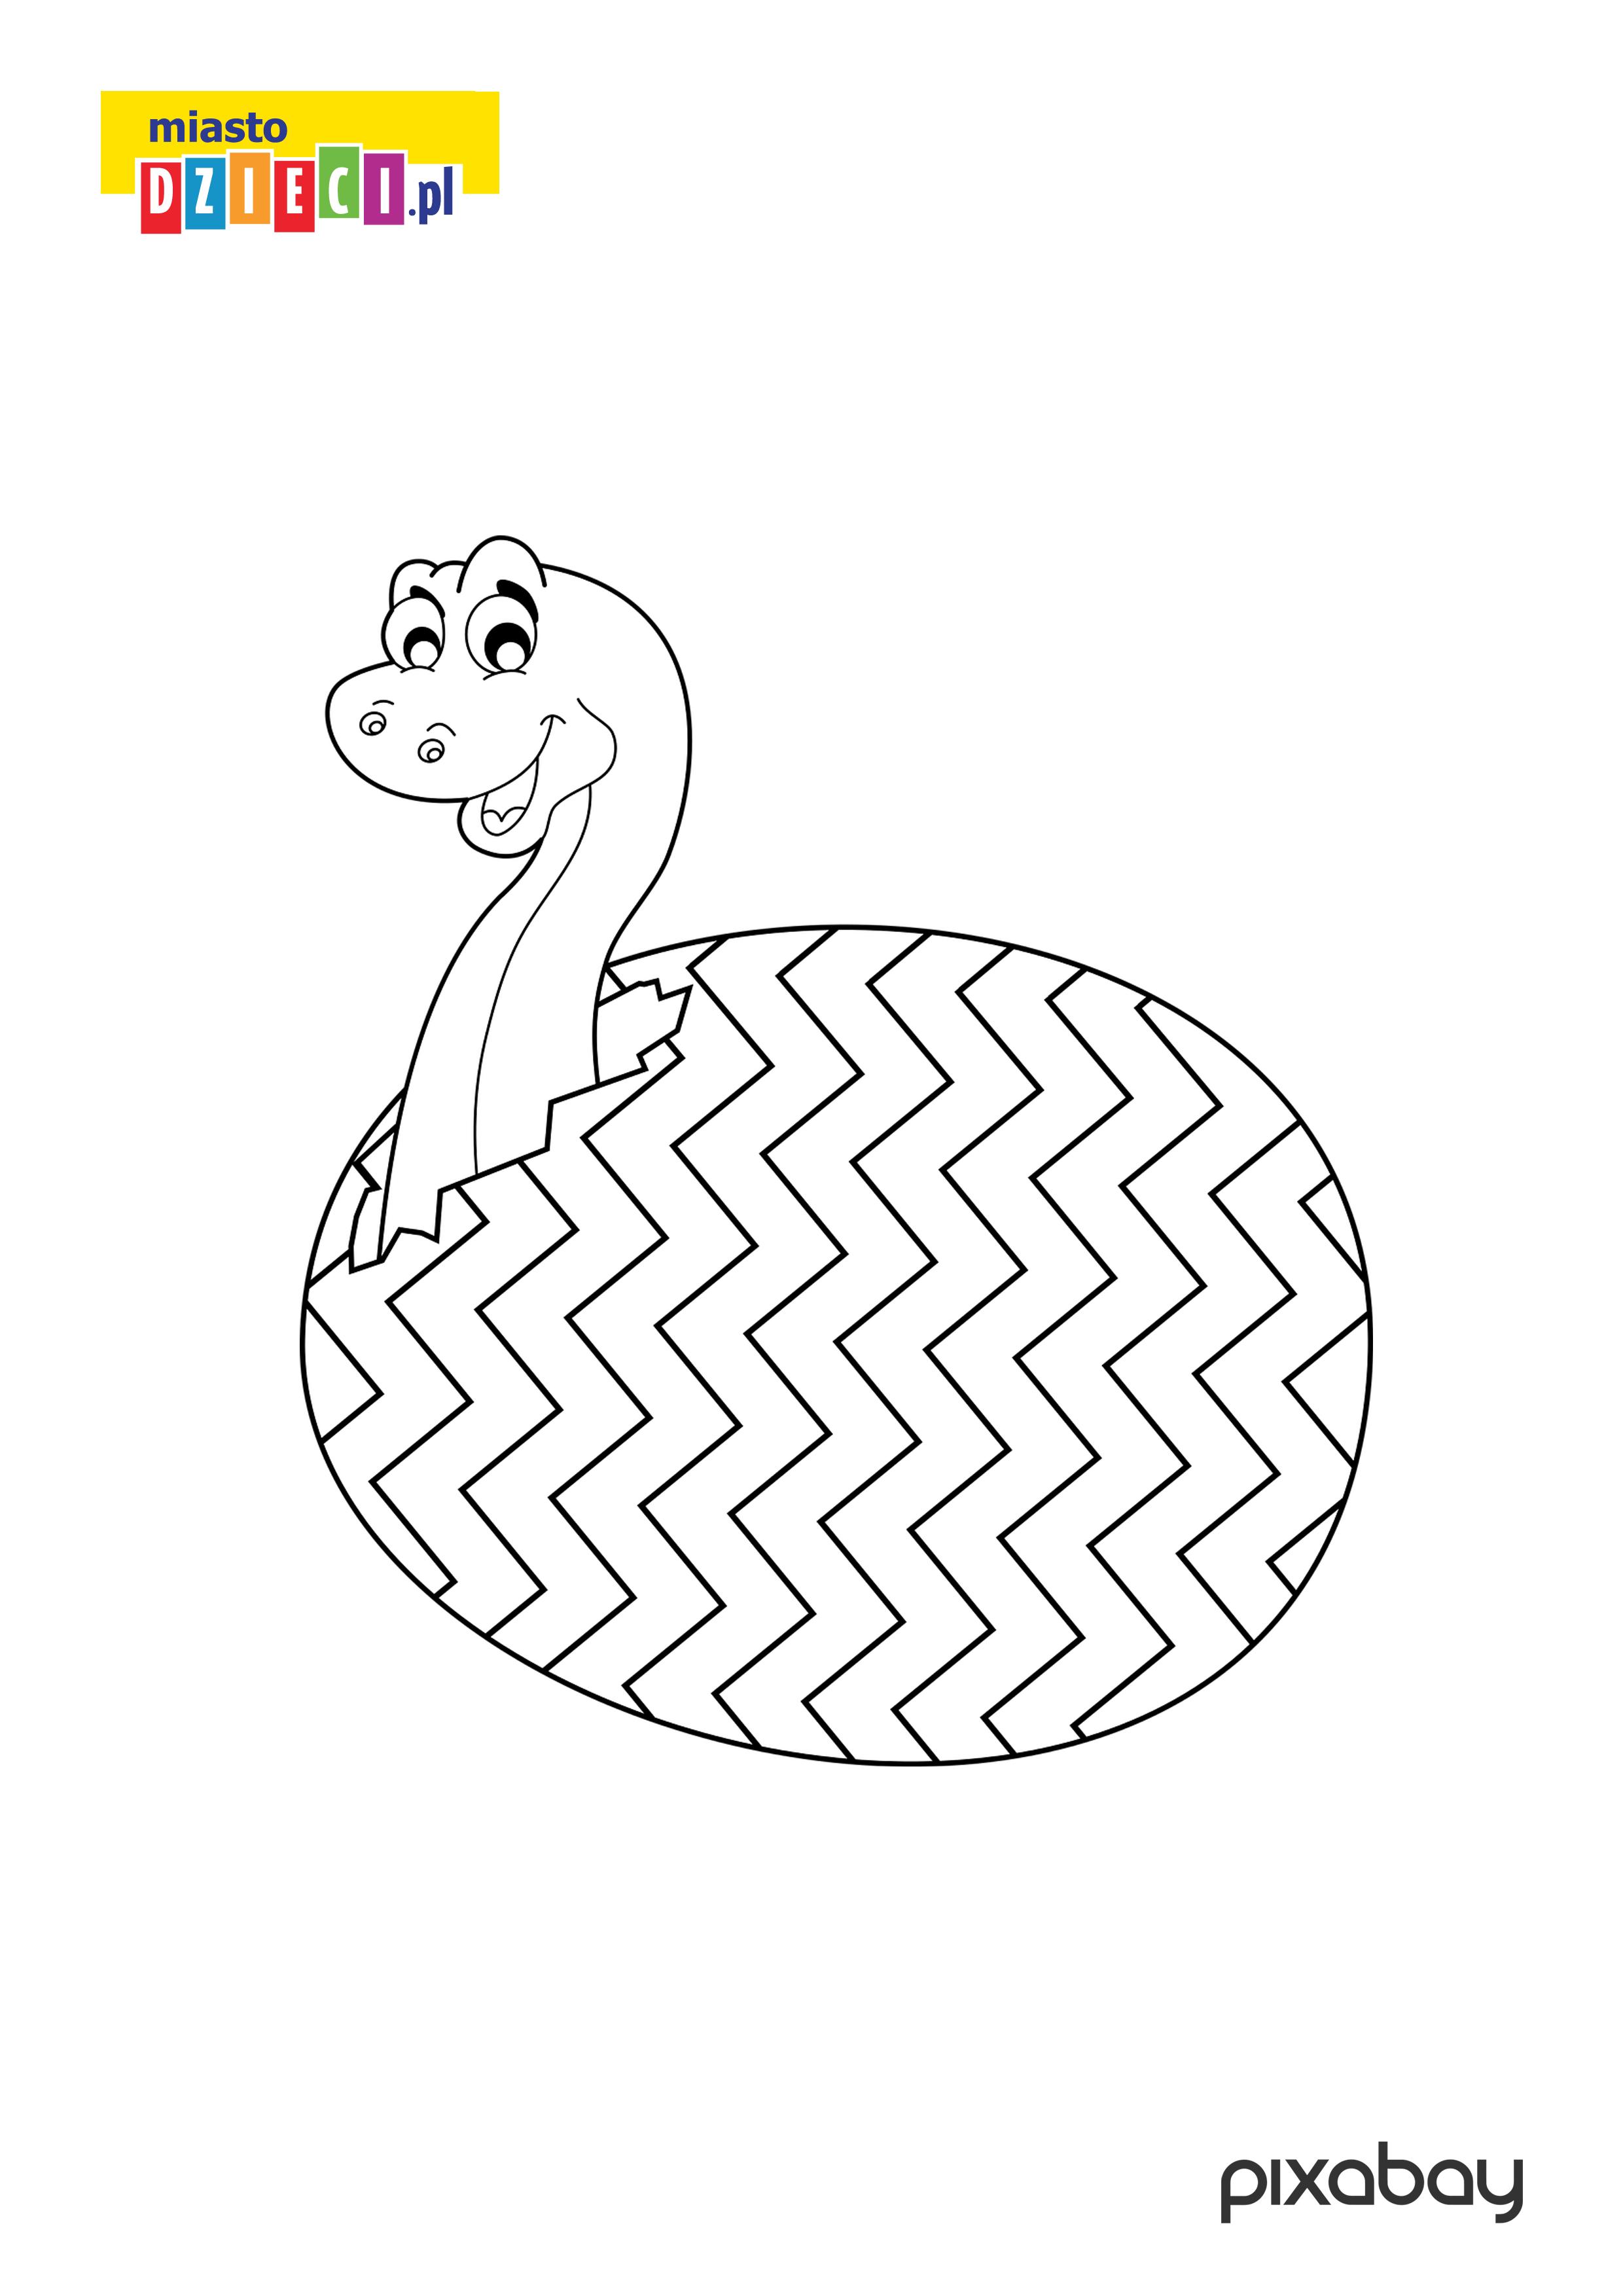 pisanka z dinozaurem - kolorowanka wielkanocna do druku